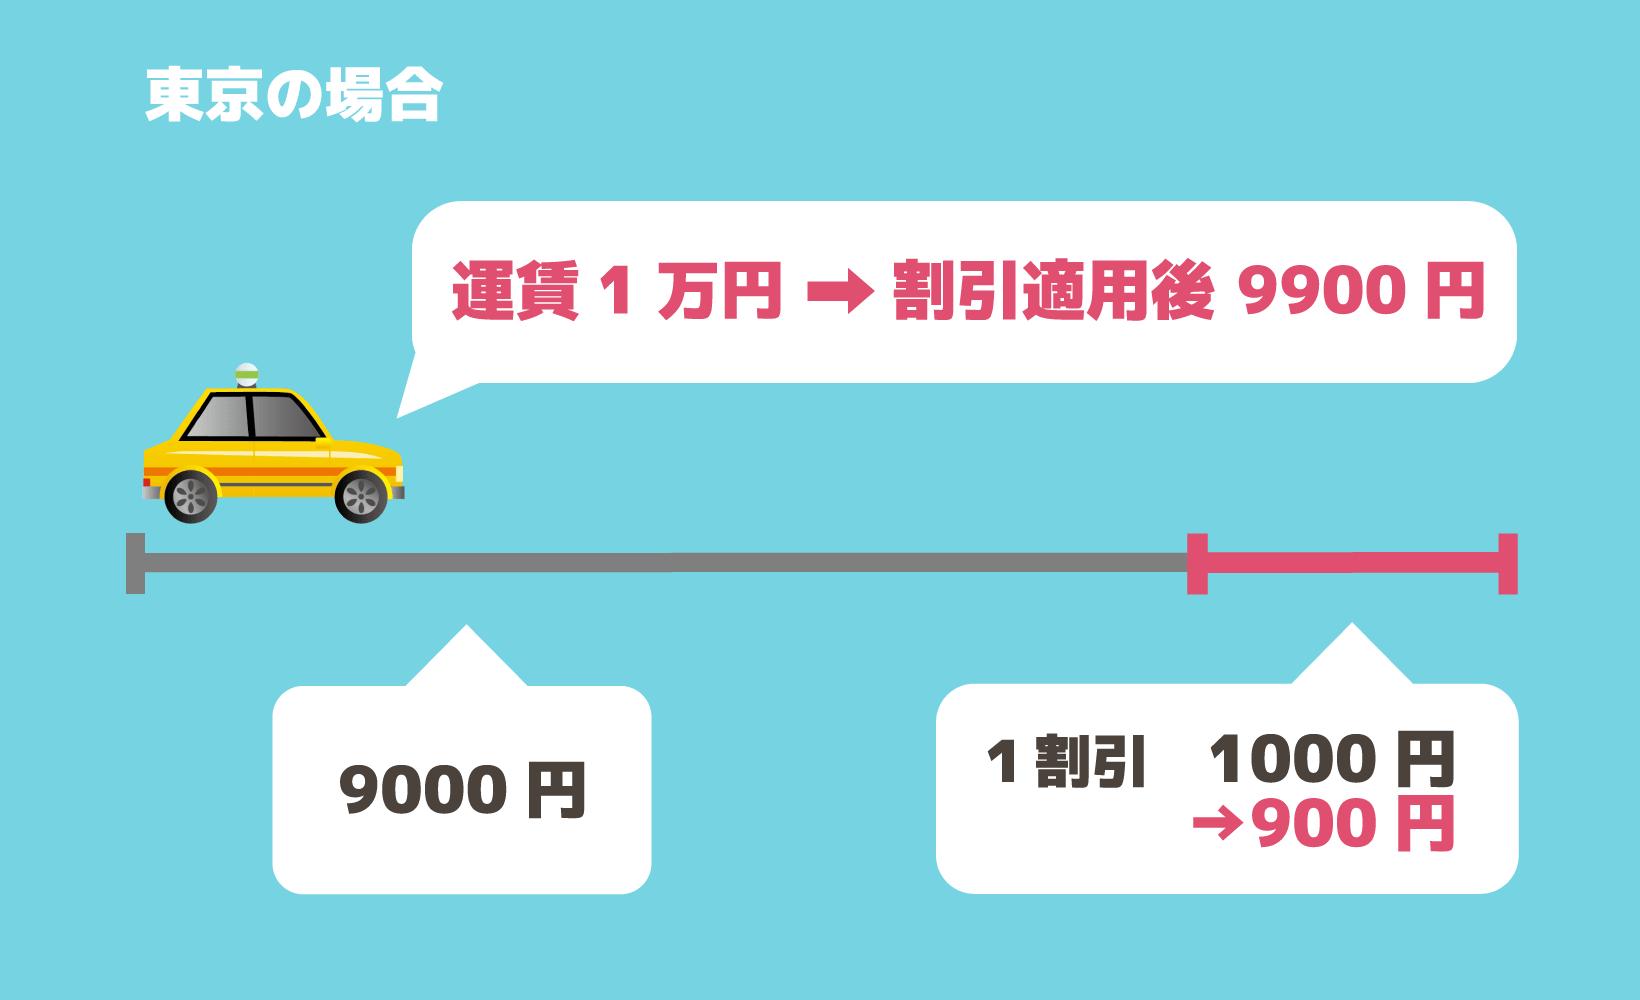 東京では運賃1万円の場合、遠距離割引で9900円になる